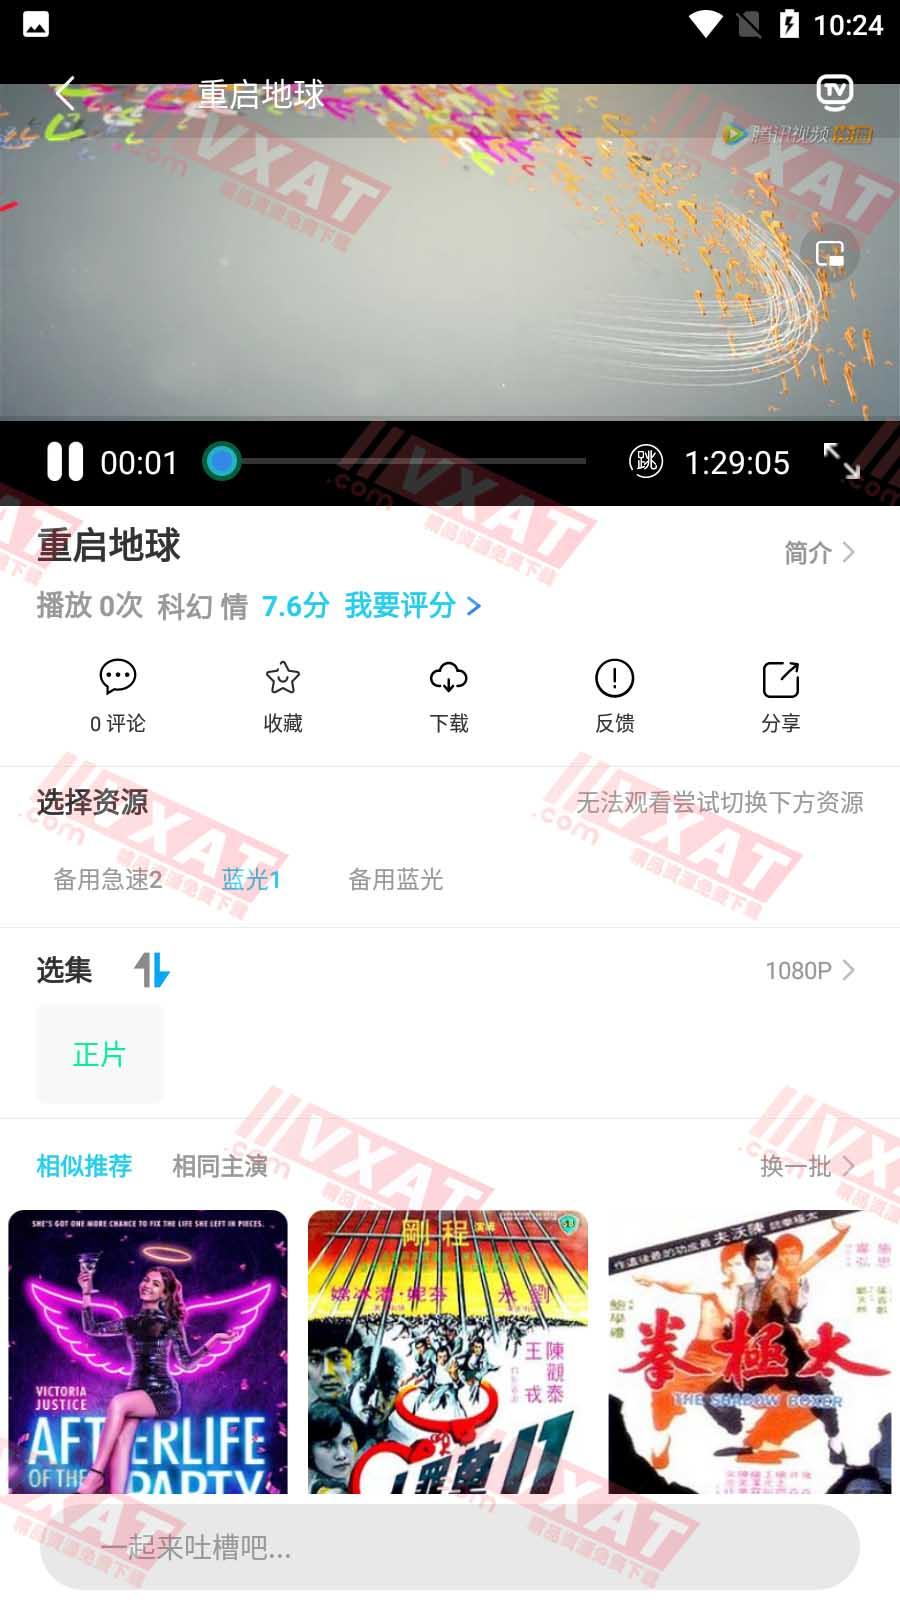 兔子窝 v3.8.4 去广告版 原白菜追剧 第2张